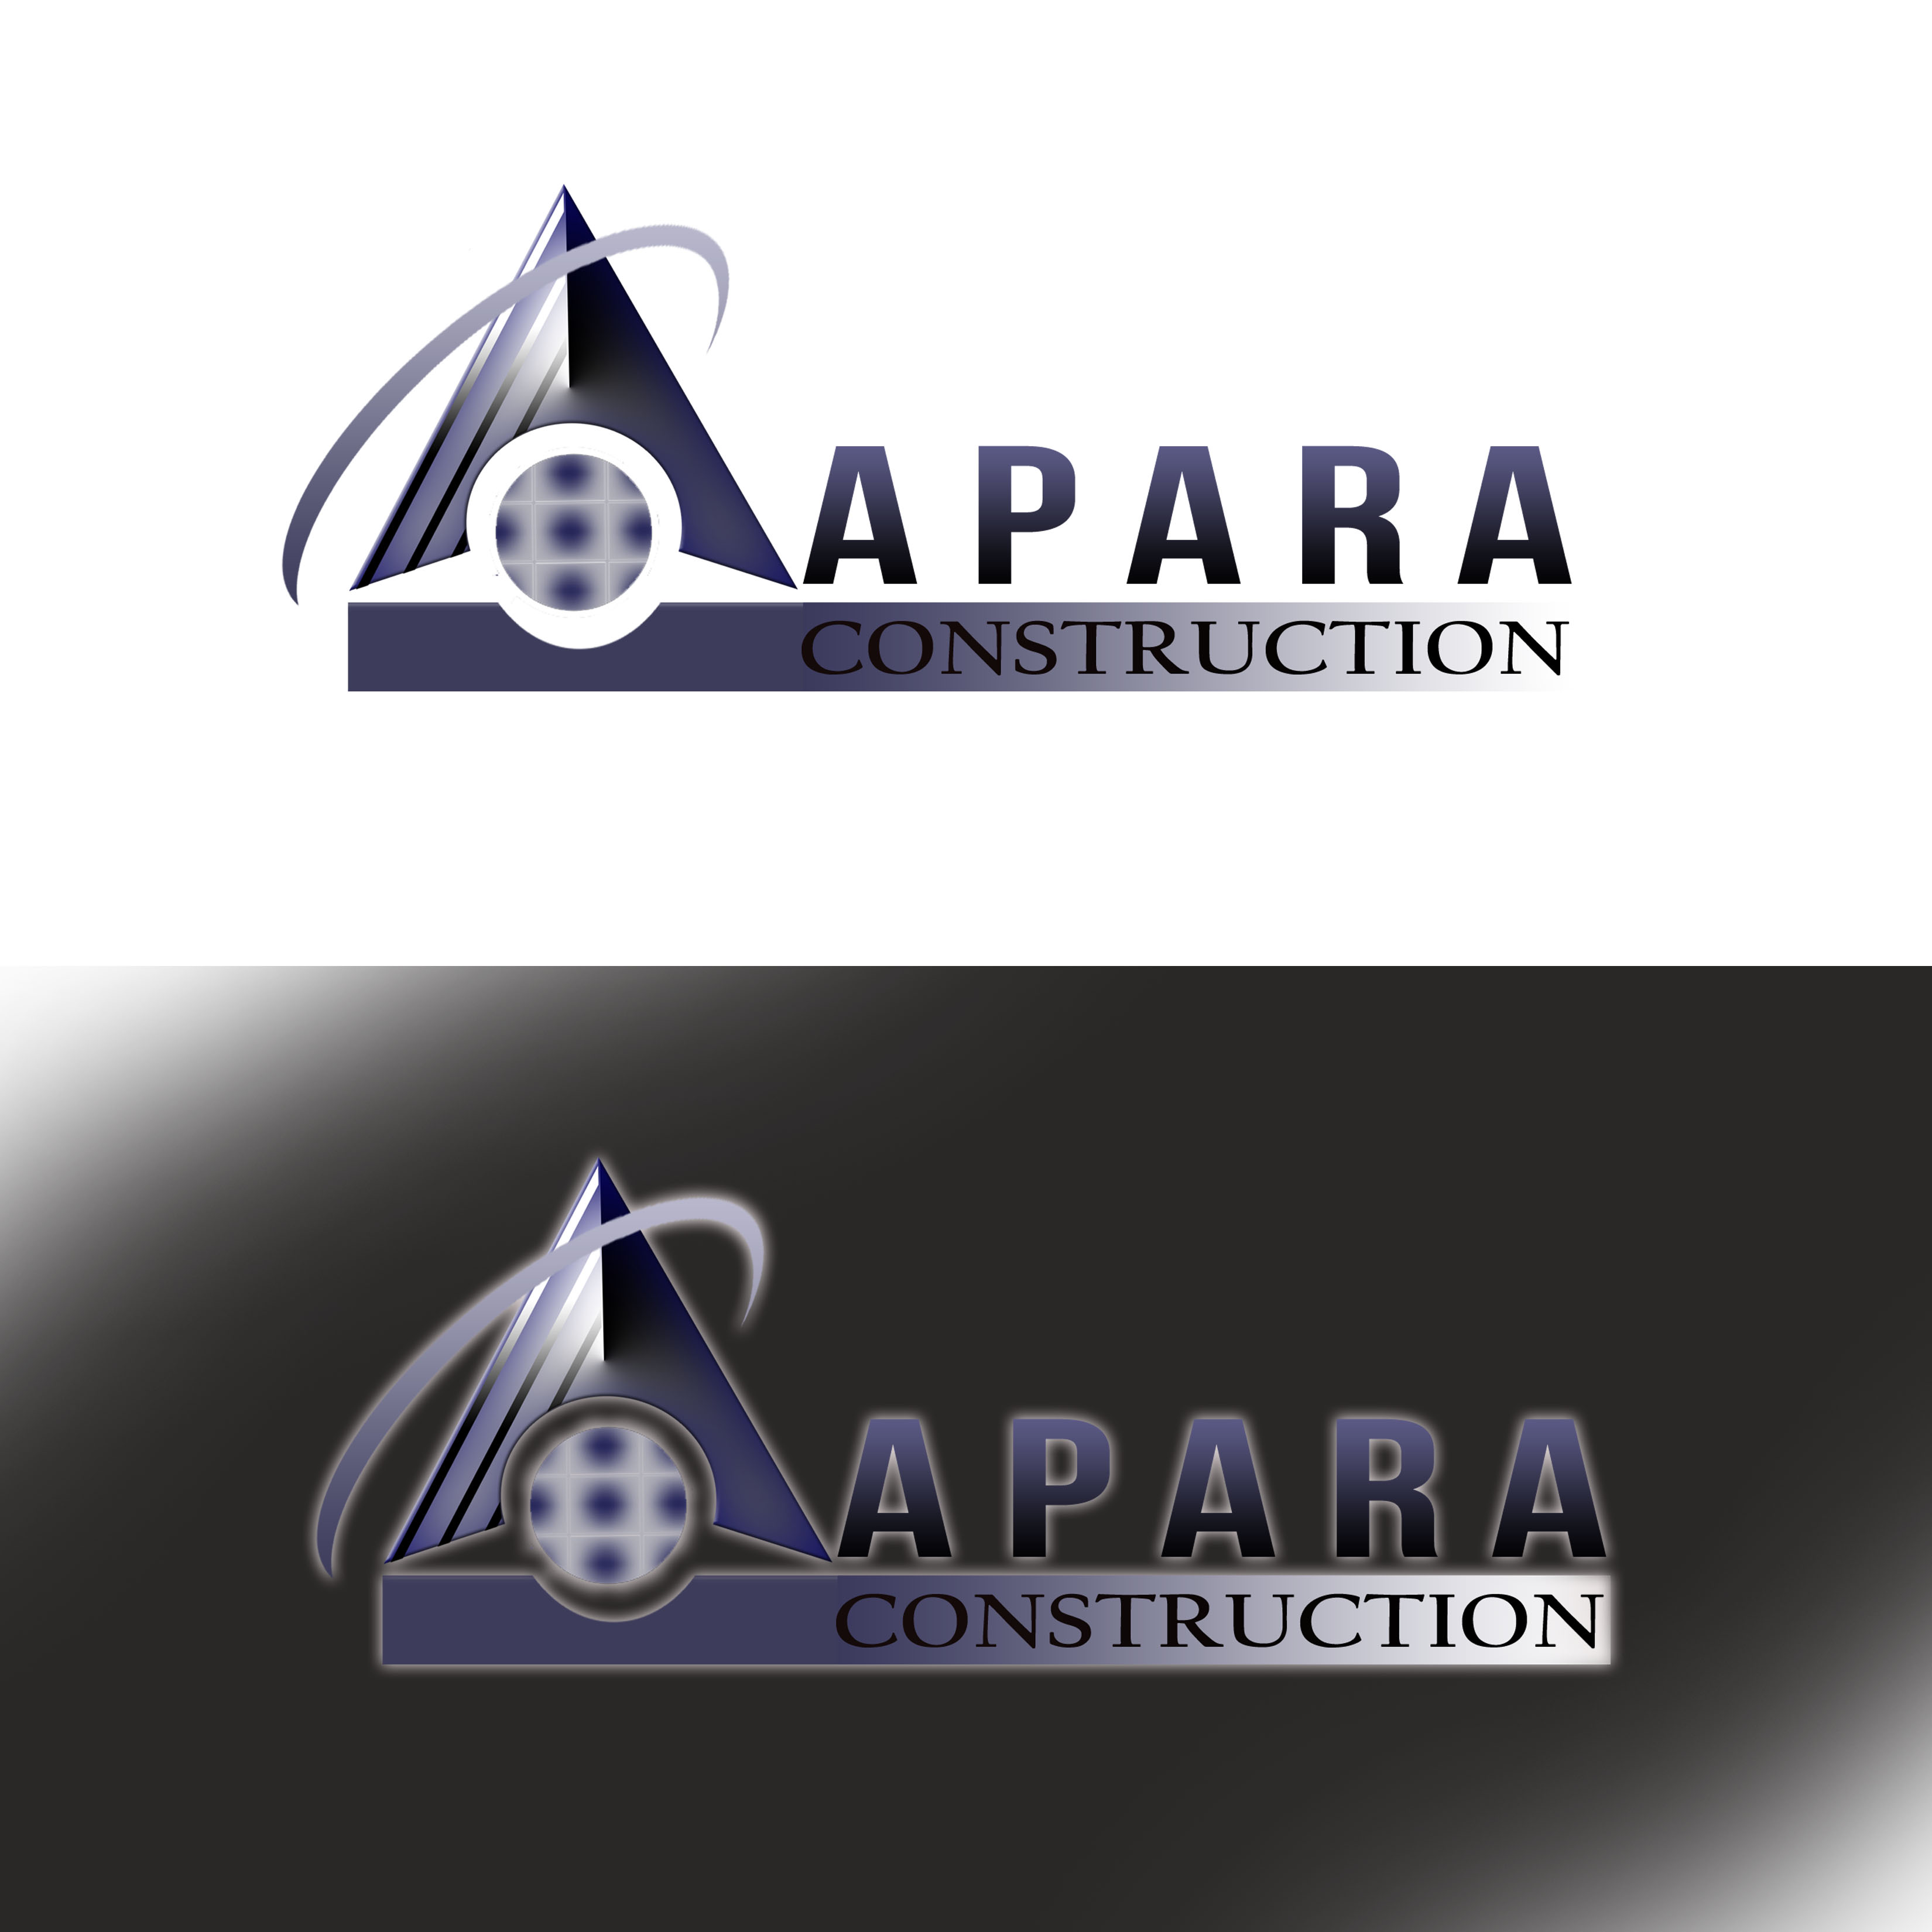 Logo Design by Alan Esclamado - Entry No. 27 in the Logo Design Contest Apara Construction Logo Design.